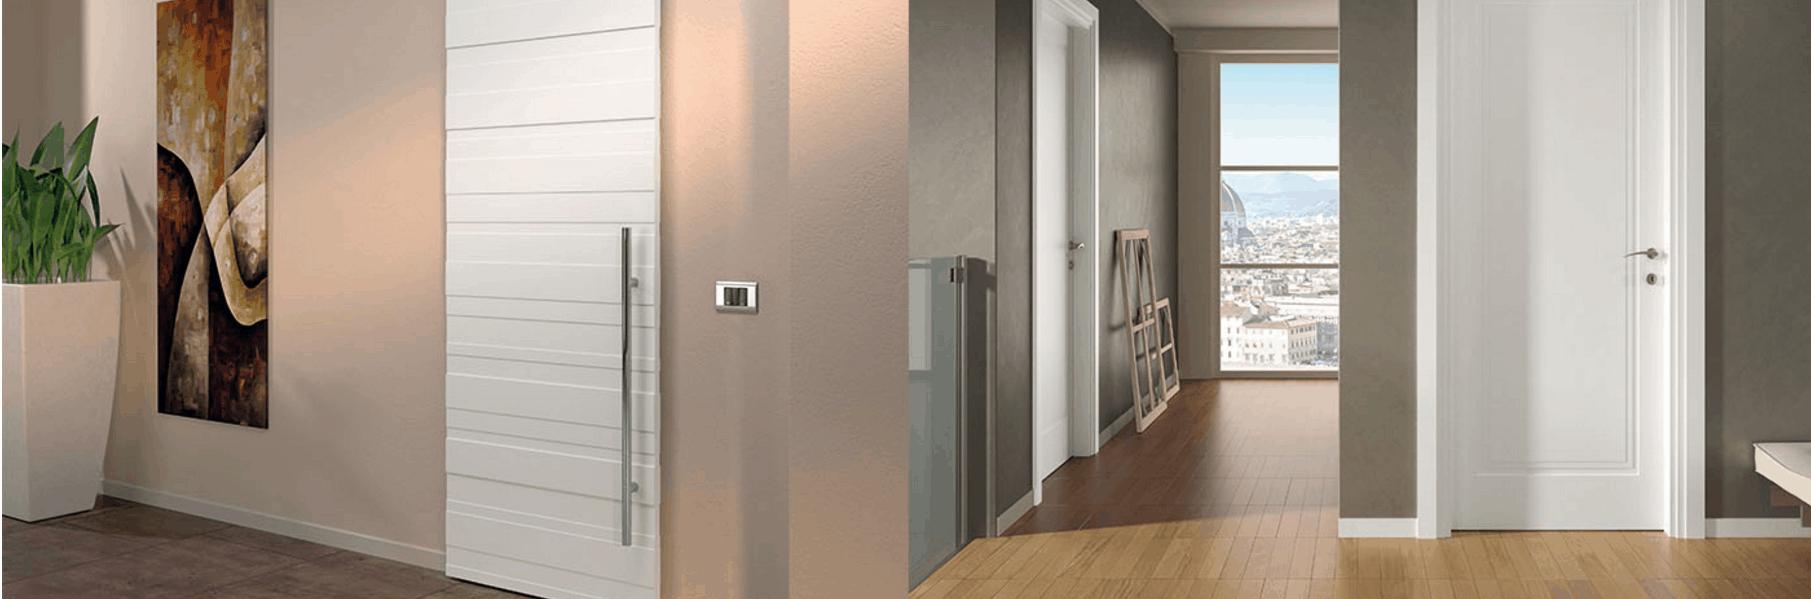 Colori Porte Interne Moderne sai come abbinare le porte al pavimento?